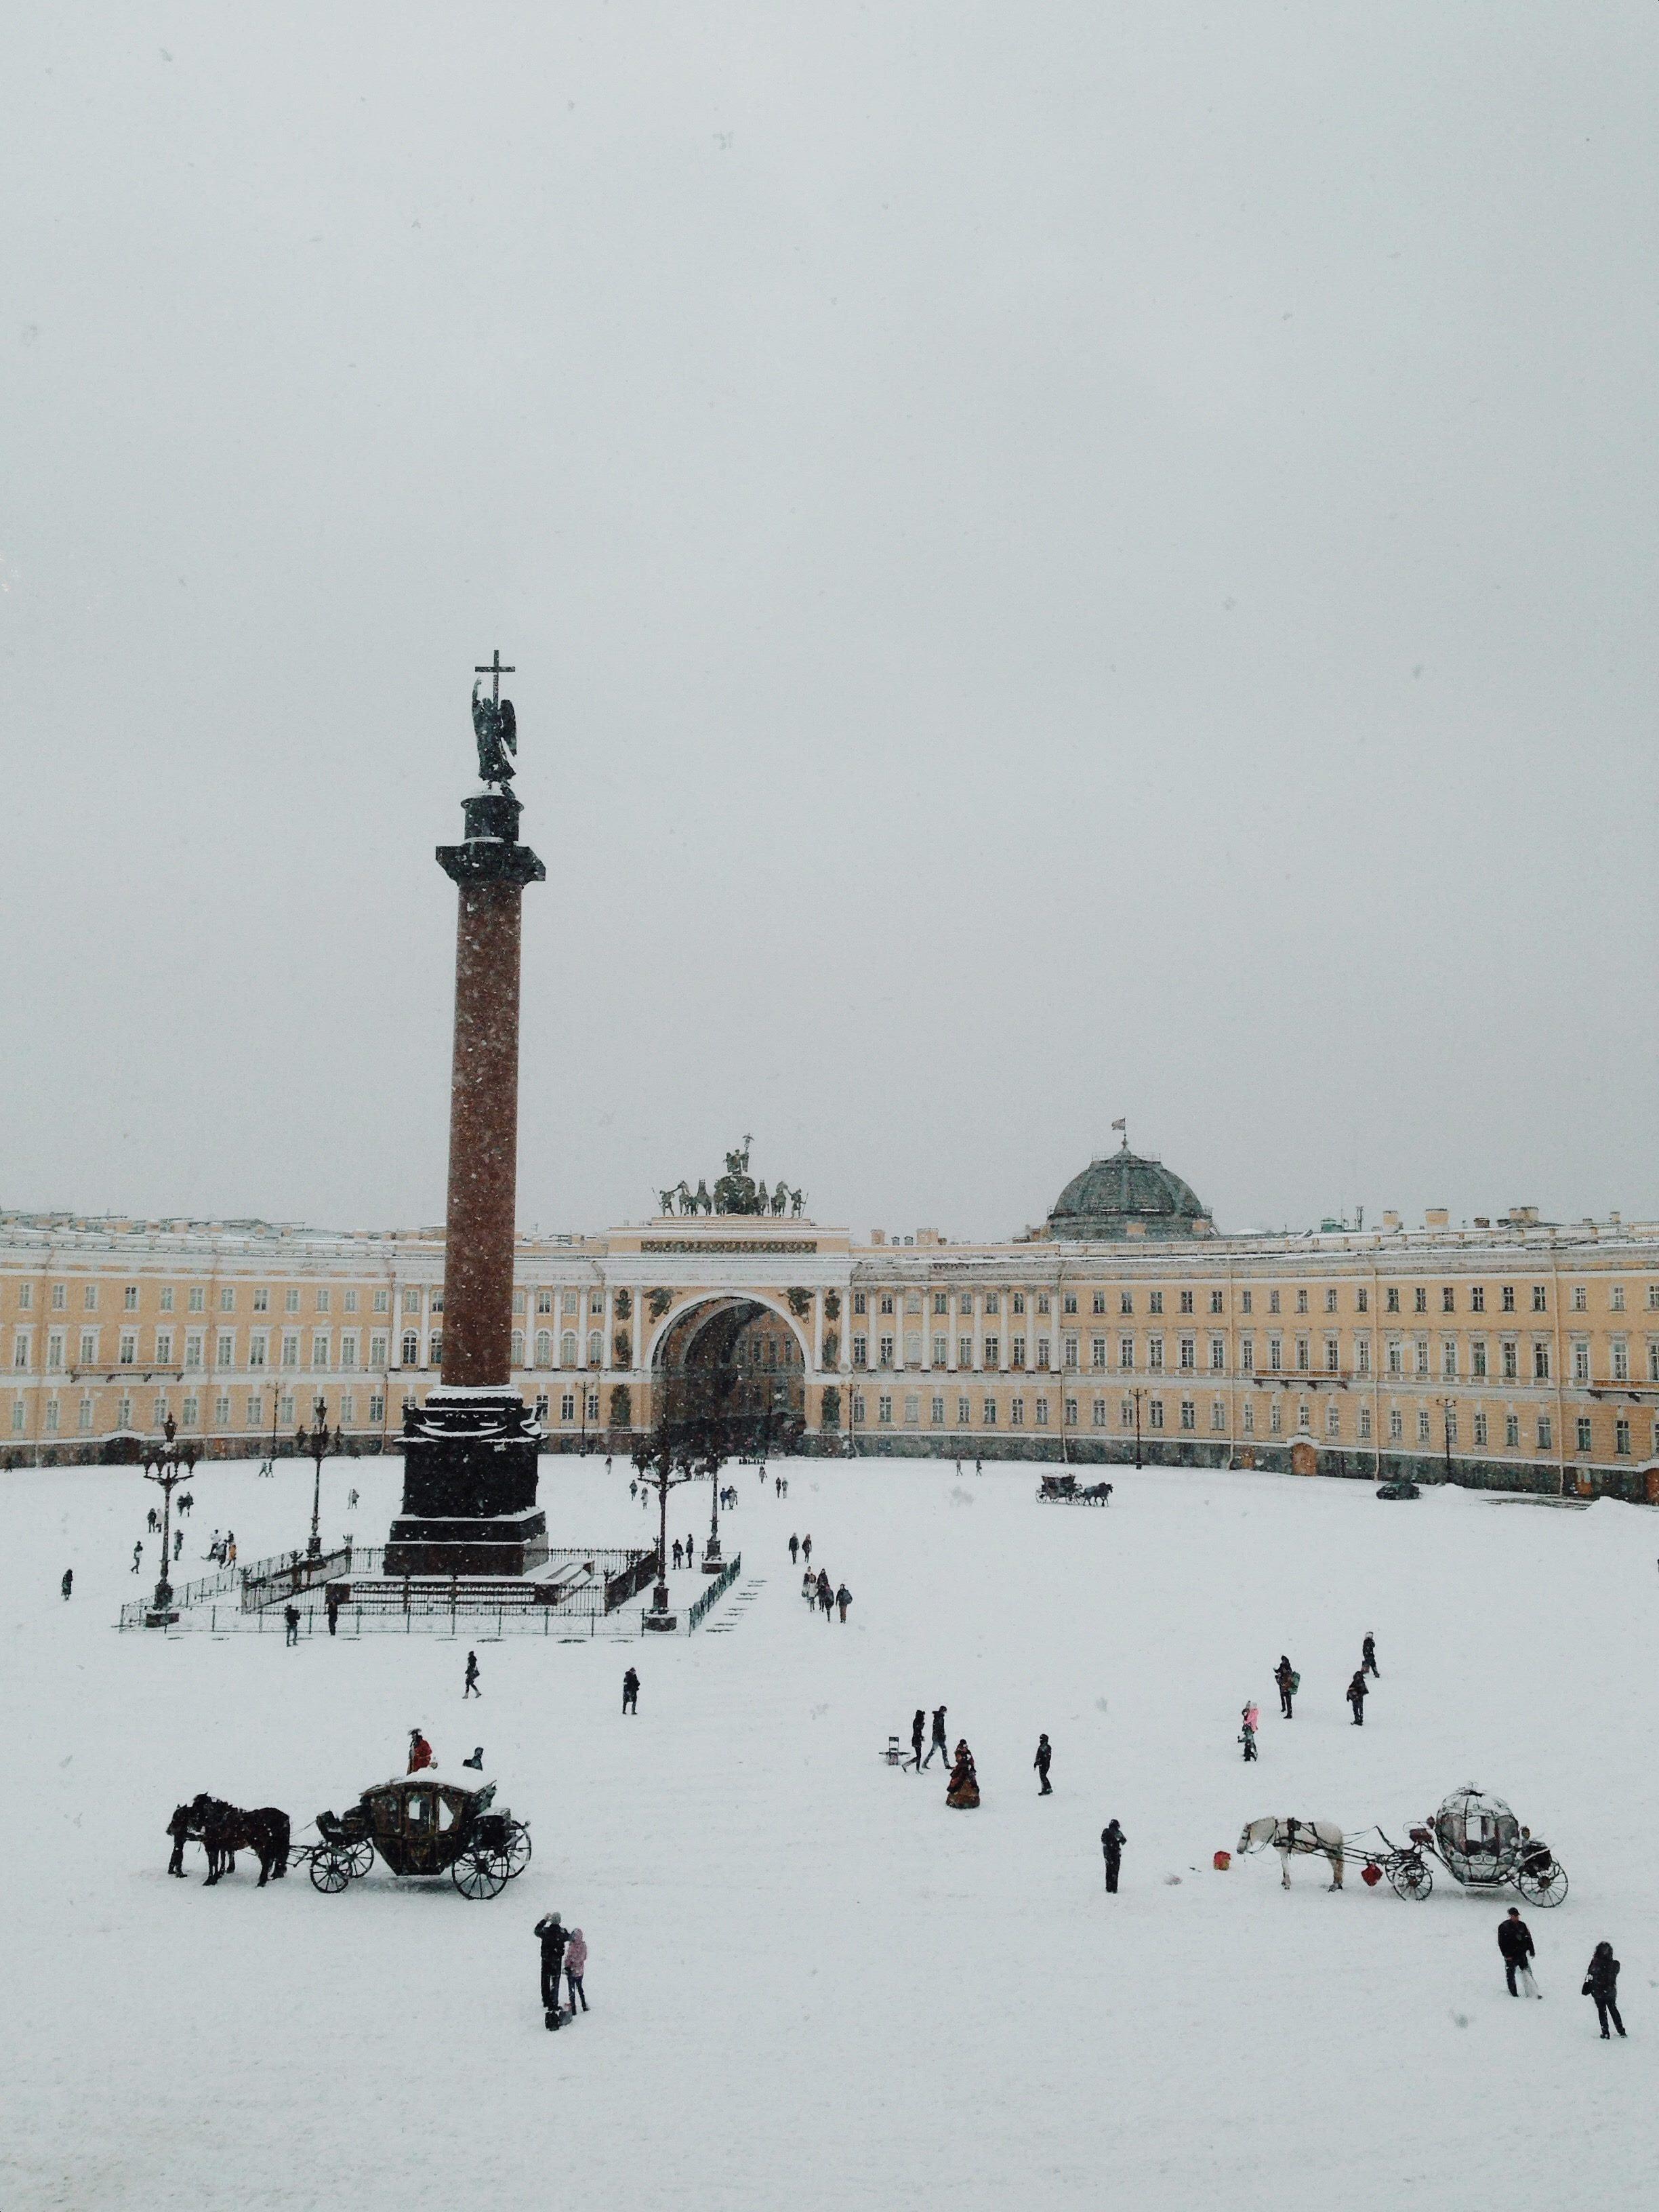 サーシャの地元サンクトペテルブルク